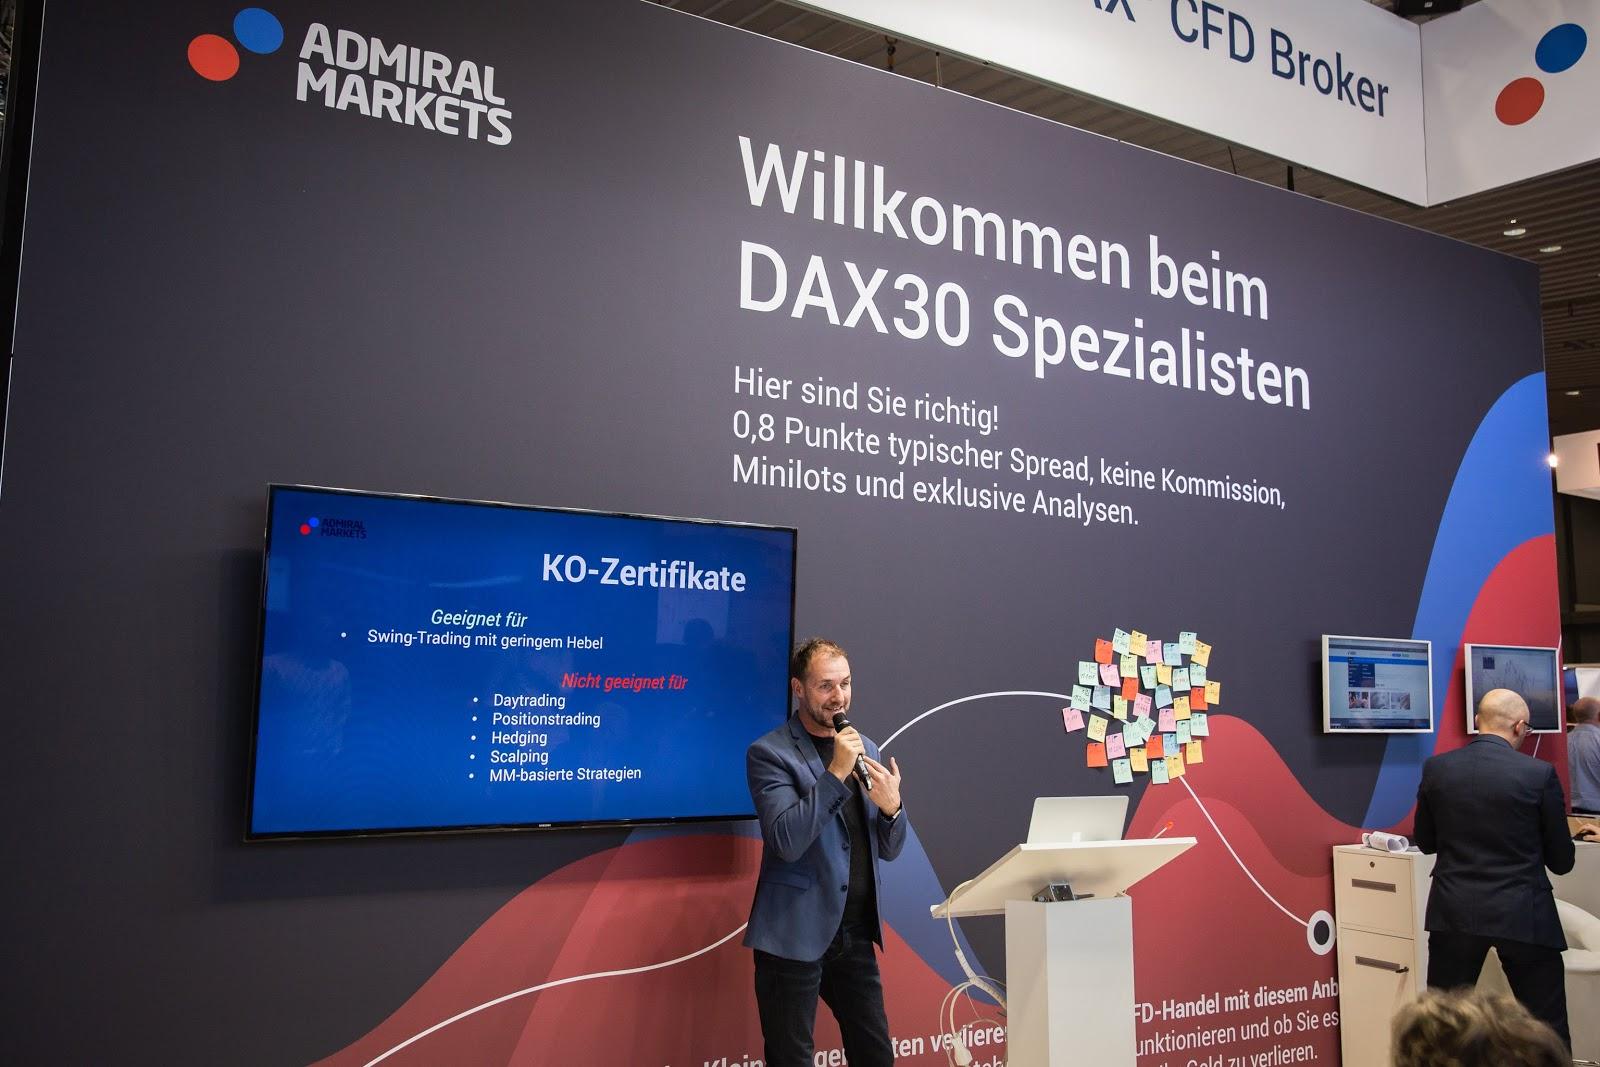 Dirk Hilger ettekannet tegemas